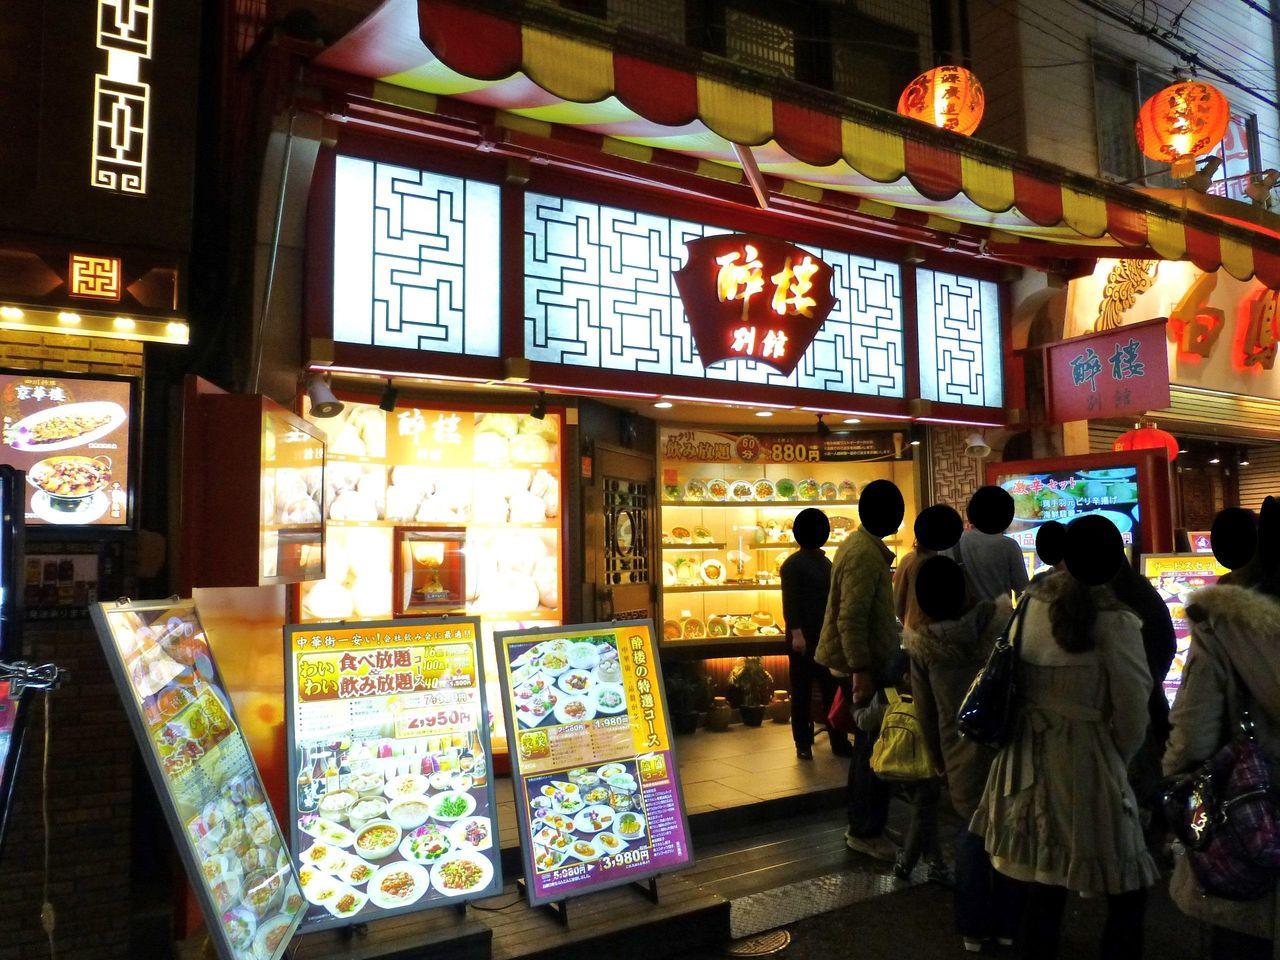 3連休の中日で、横浜中華街は大混雑!